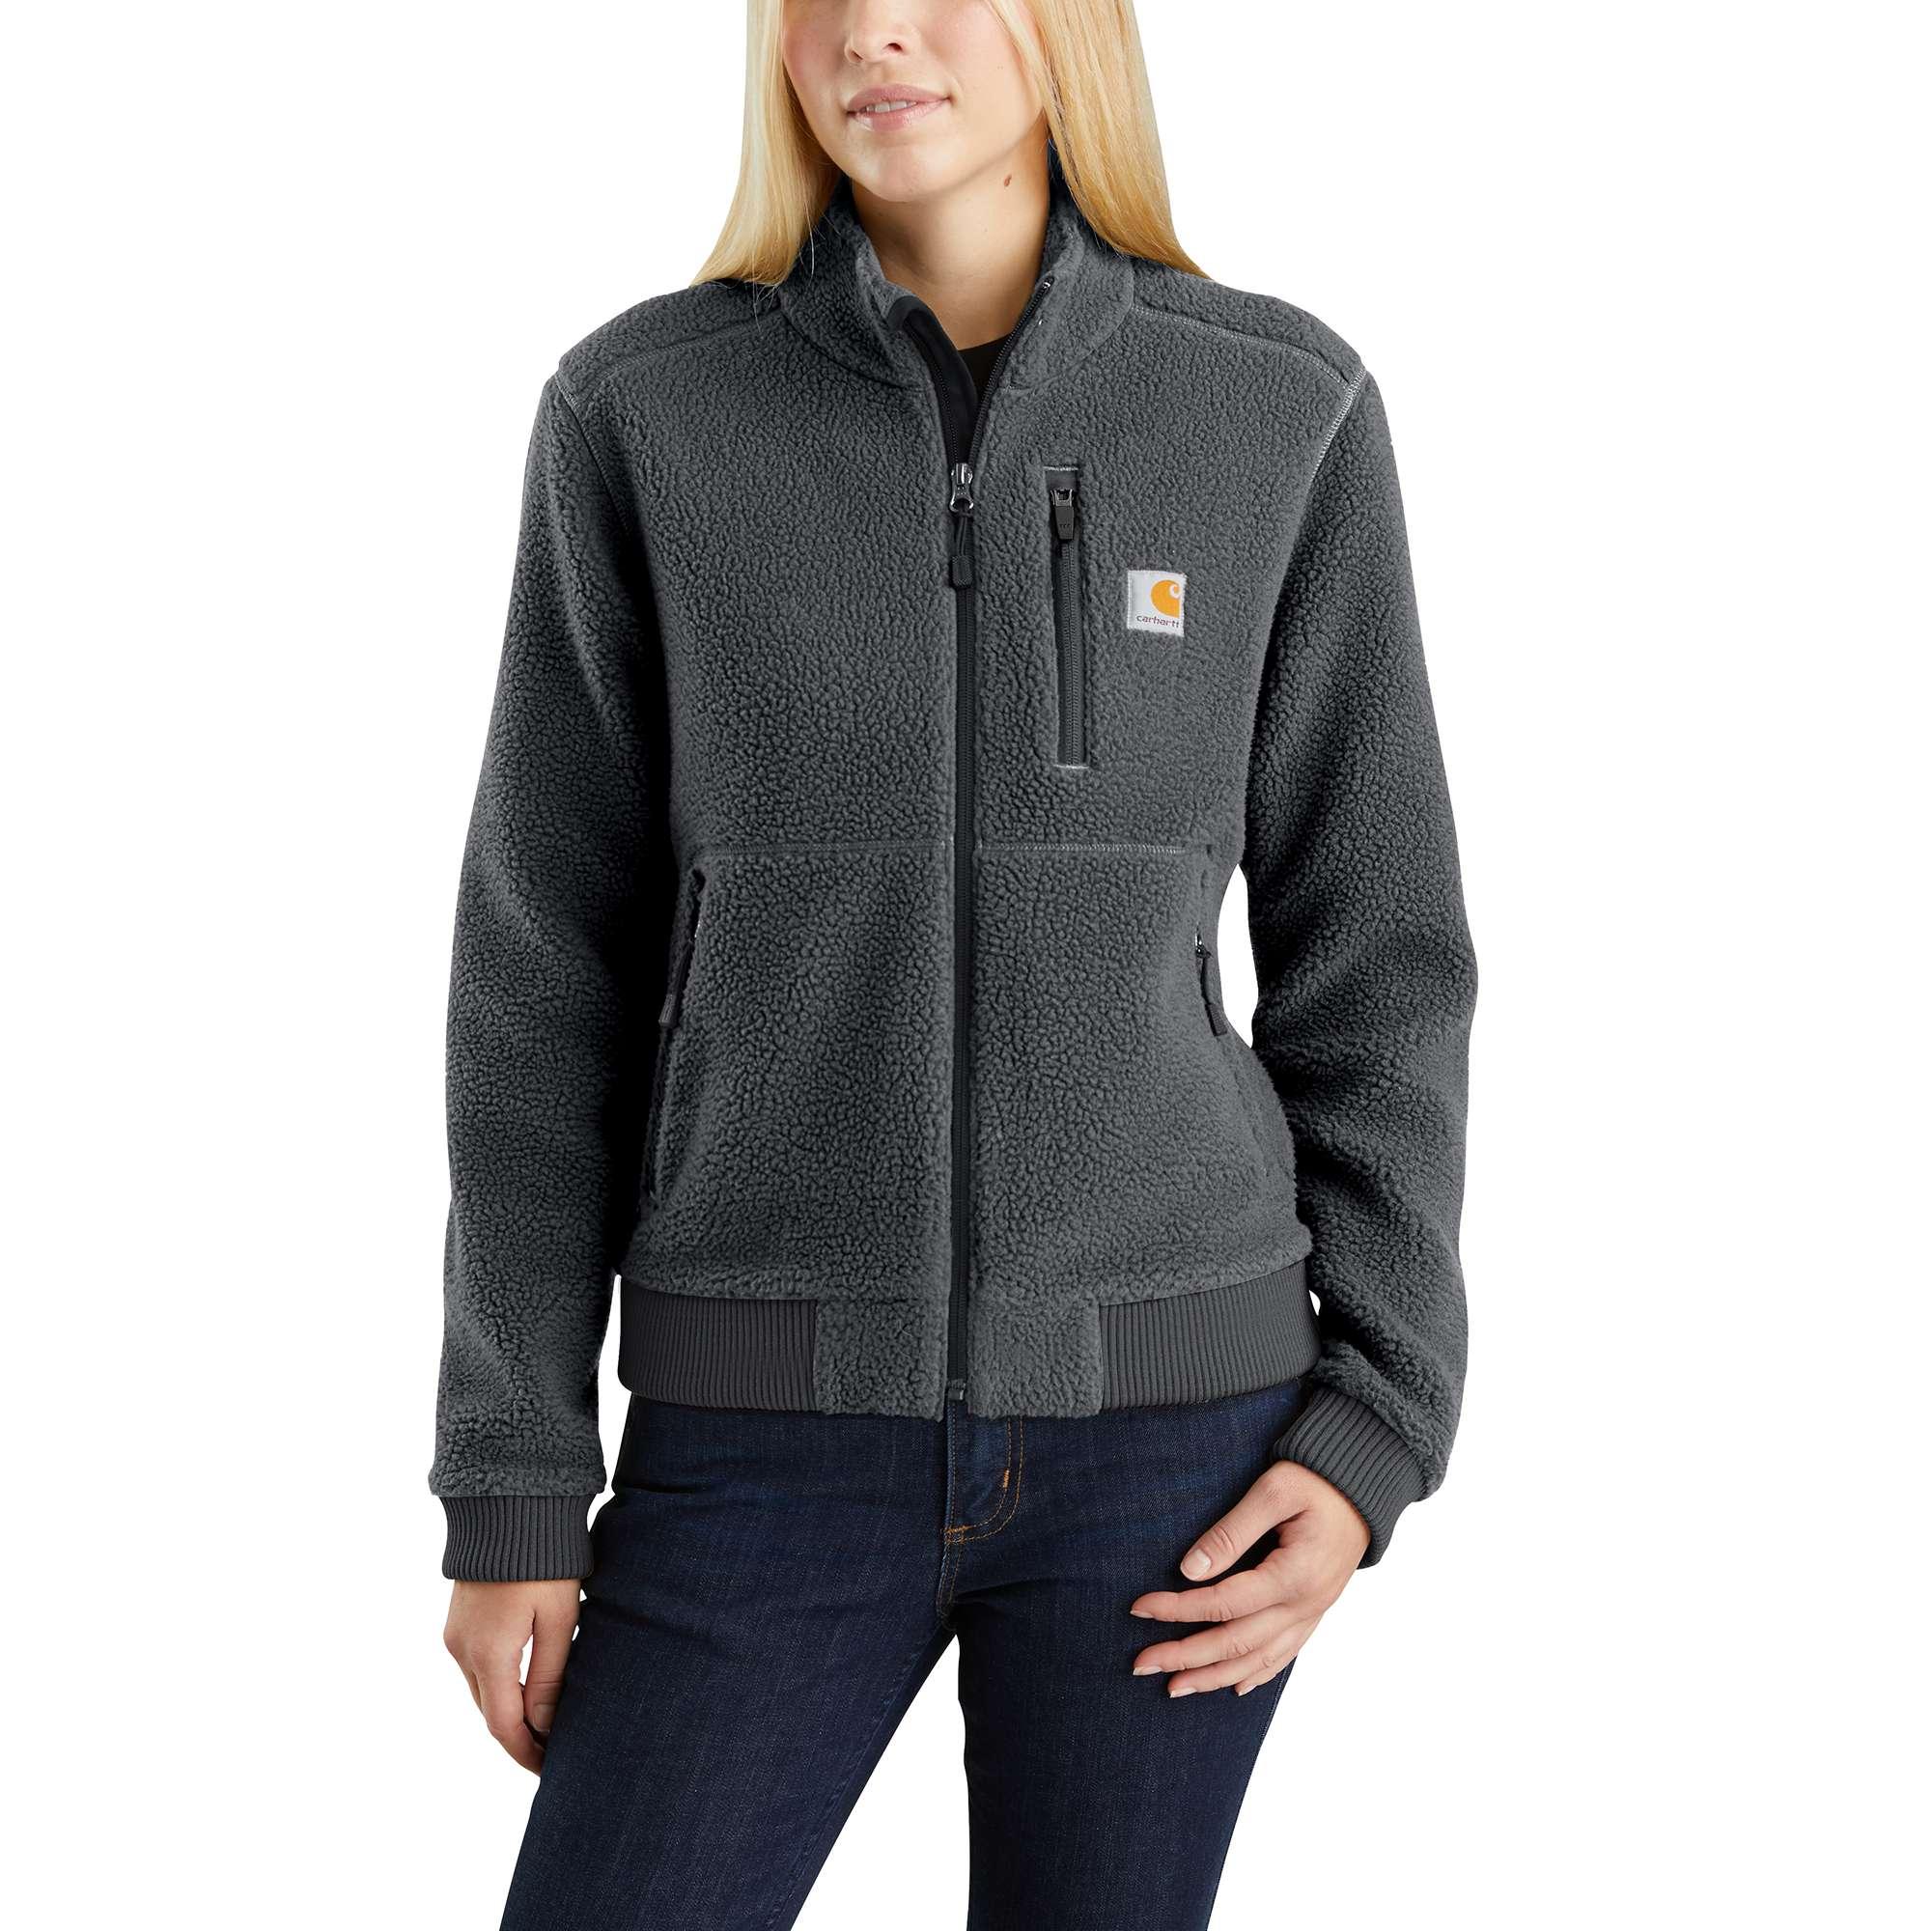 Carhartt Women's Sherpa Jacket Size: LG